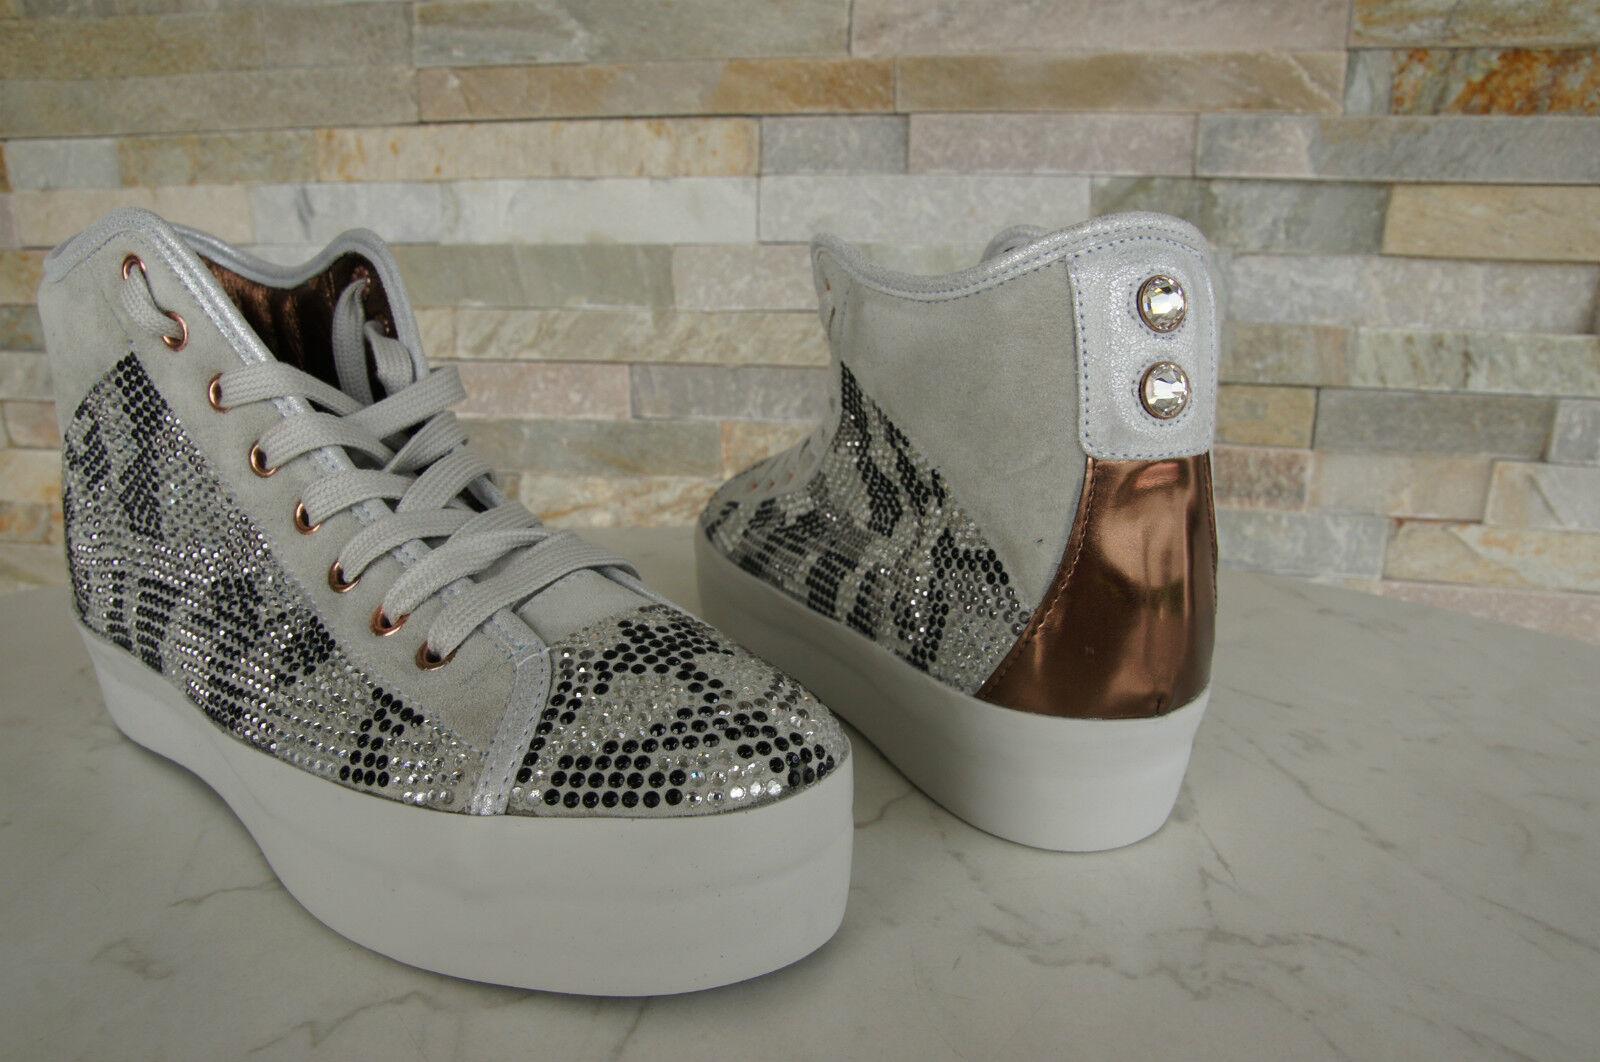 Alexander Smith London Gr 40 High-Top Glitter Sneaker Glitter High-Top Schuhe Schuhes neu a1ec42